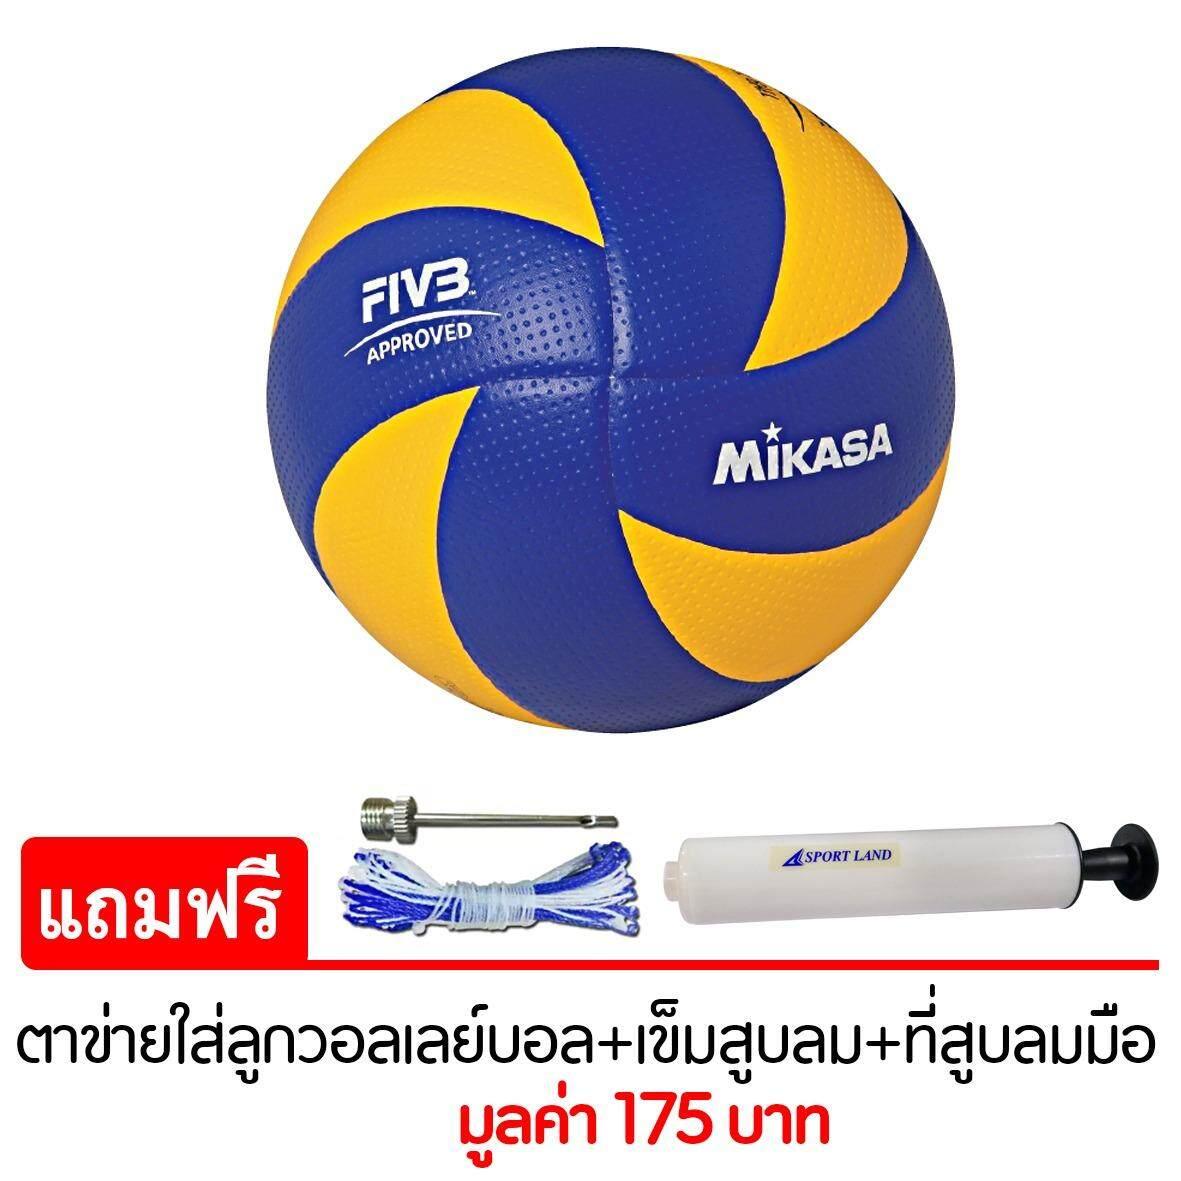 ราคา Mikasa วอลเลย์บอล Volleyball Mks Pu Mva200 Fivb ใช้ในการแข่งขัน ซีเกมส์ 2017 แถมฟรี ตาข่ายใส่ลูกวอลเลย์บอล เข็มสูบสูบลม สูบมือ Spl รุ่น Sl6 สีขาว ที่สุด